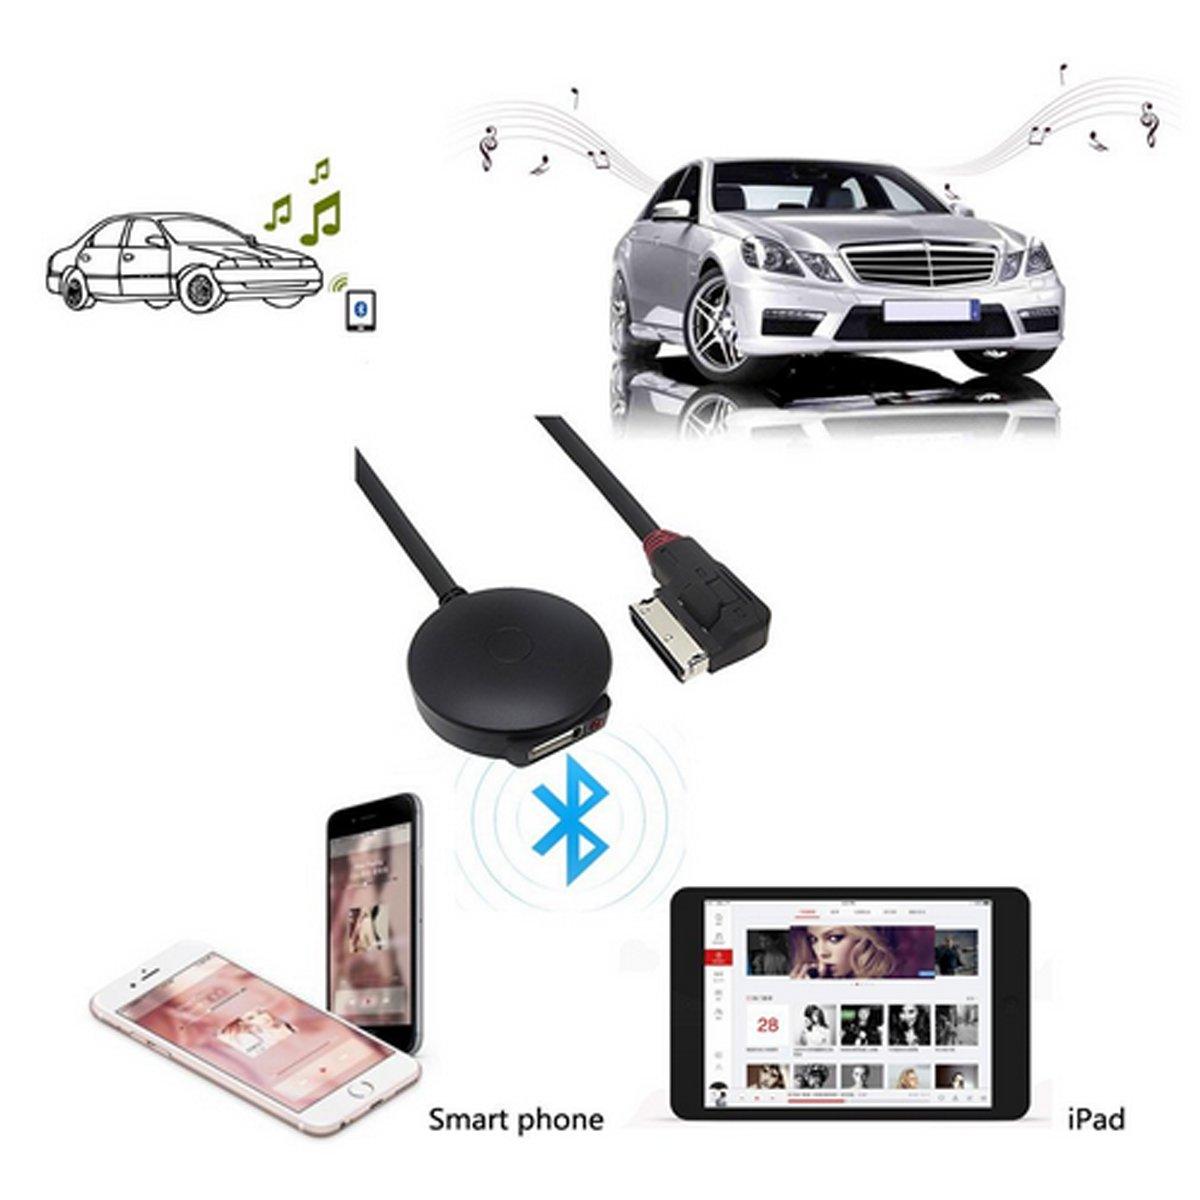 chelink USB Adaptador de m/úsica Bluetooth 4.0/para AMI MDI MMI 3/G Cable de Audio para Bentley Audi A4/A5/A6/A8/Q5/Q7/S4/S5/Serie